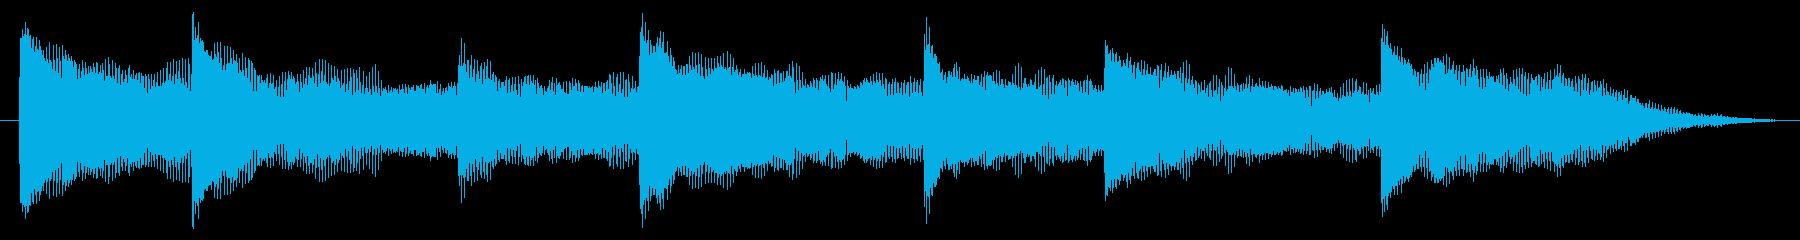 さわやかな放送、お知らせチャイムベルの再生済みの波形